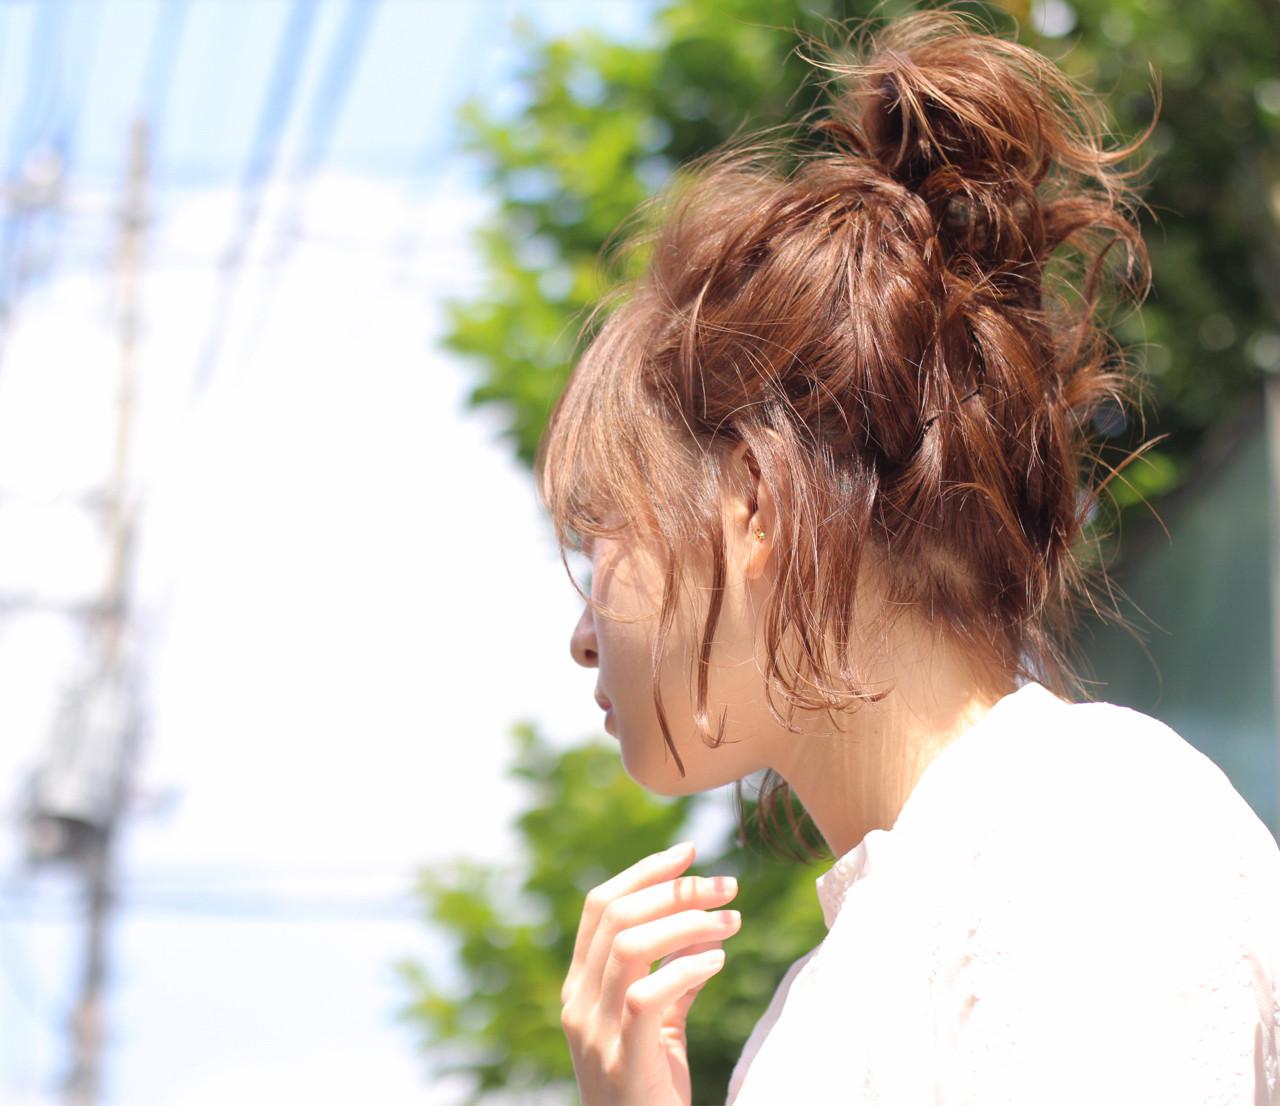 ヘアアレンジ 雨の日 デート ショート ヘアスタイルや髪型の写真・画像 | Wataru Maeda / cache cache